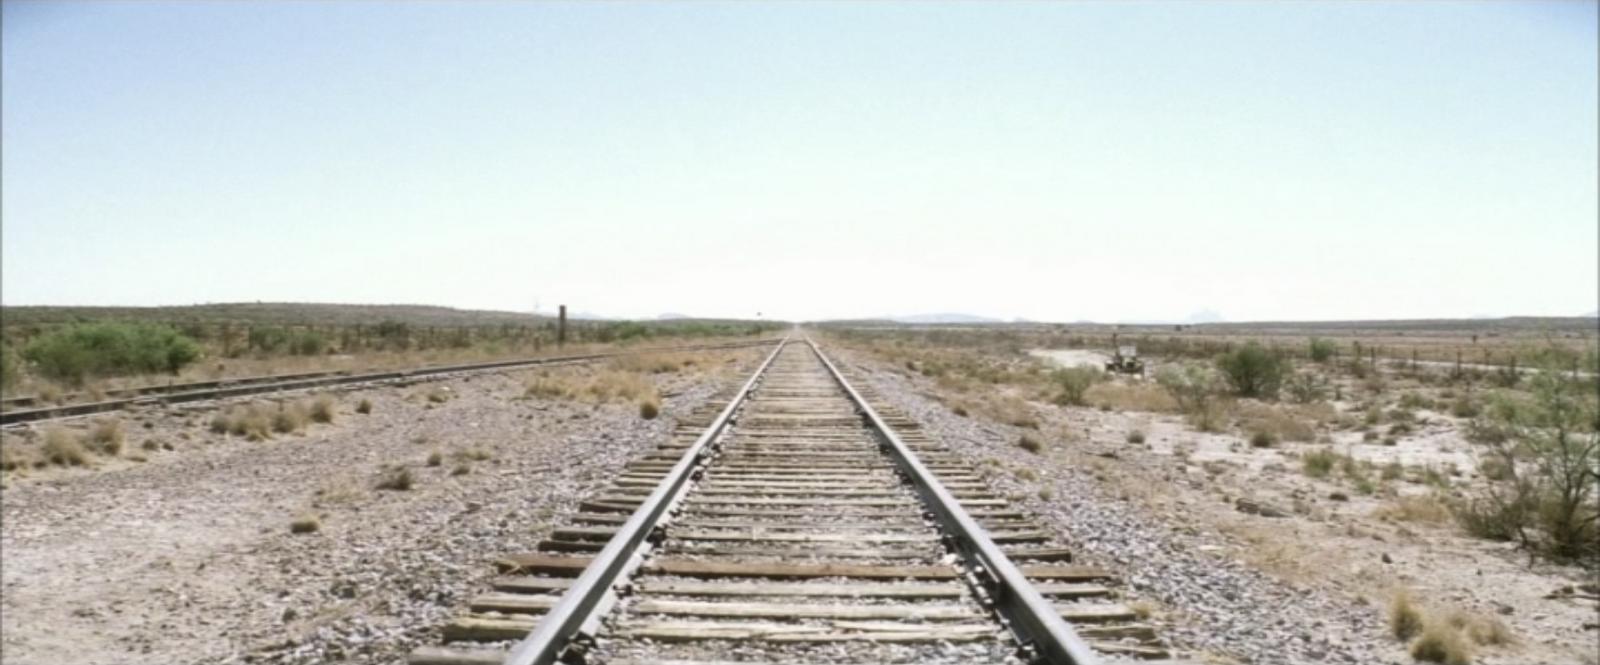 Stroszek. Blog de cine: Fotogramas: Pozos de ambición (There Will Be ...